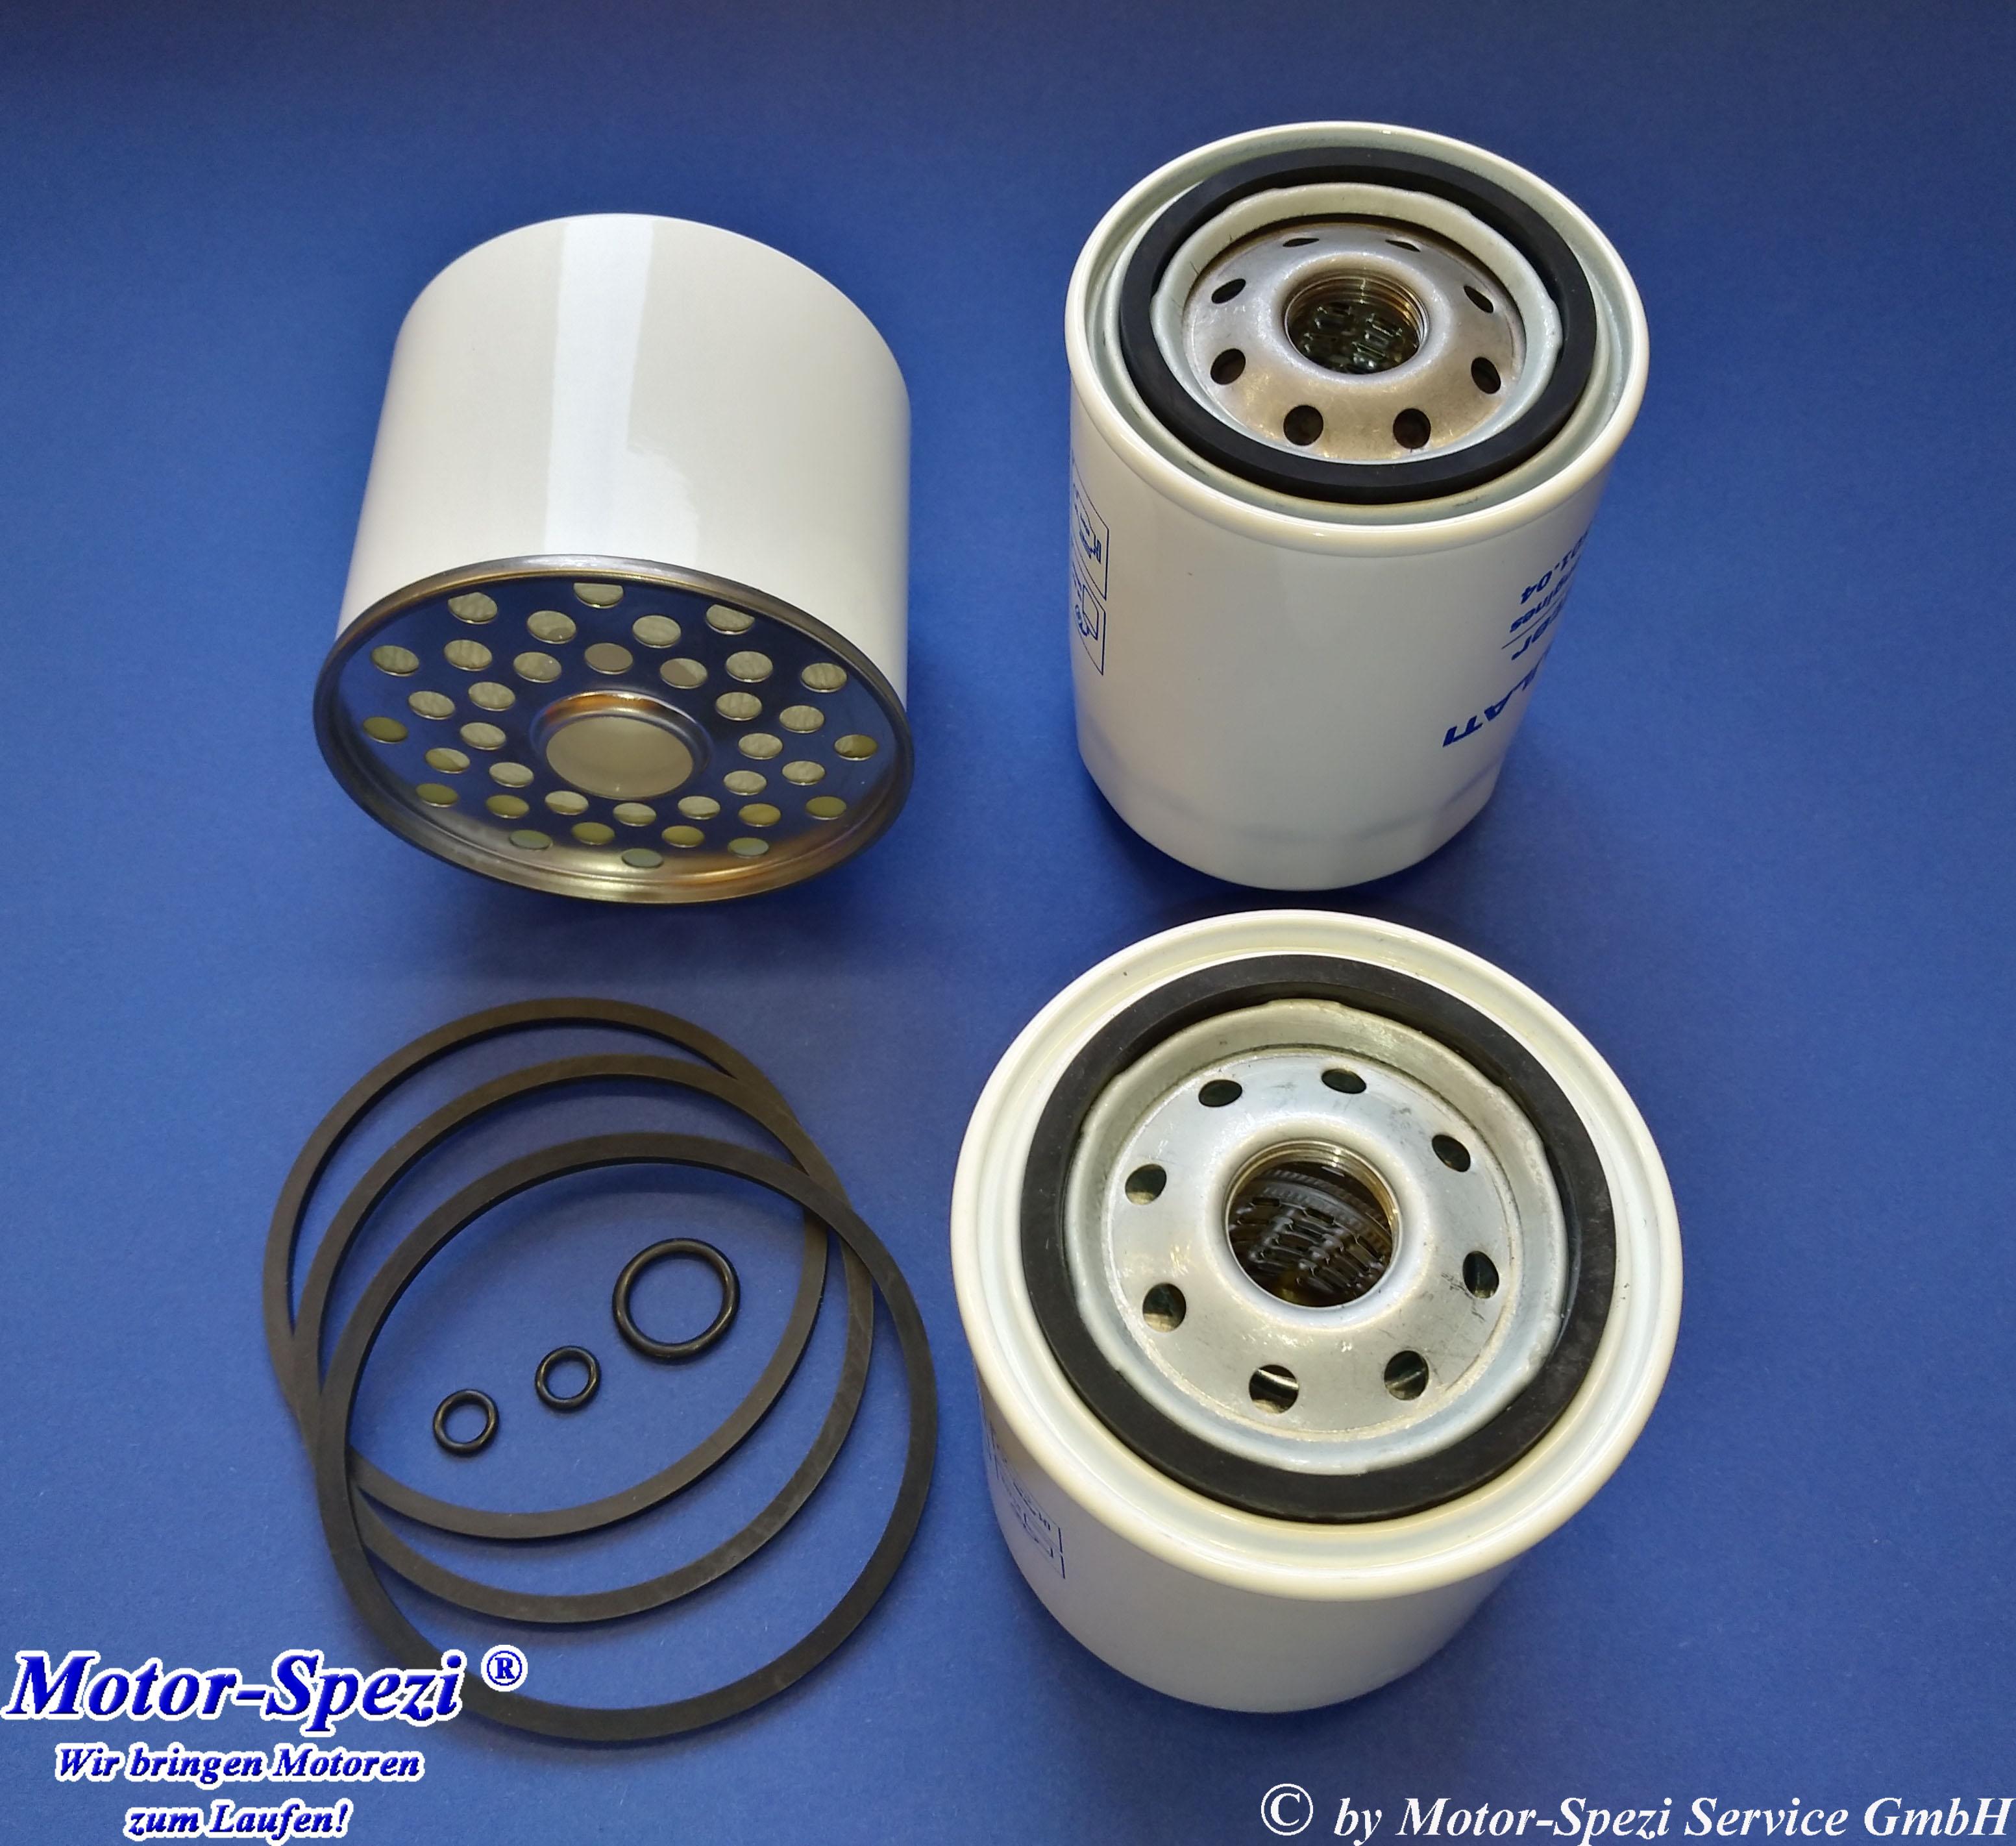 Motor Spezi Filtersatz Passt Fur Volvo Penta Md2020 Md2030 Und Md2040 Passt Auch Fur Motoren Mit Dem Olfilter 3840525 Ersetzt Oem 3581078 861477 21549544 Und 3581621